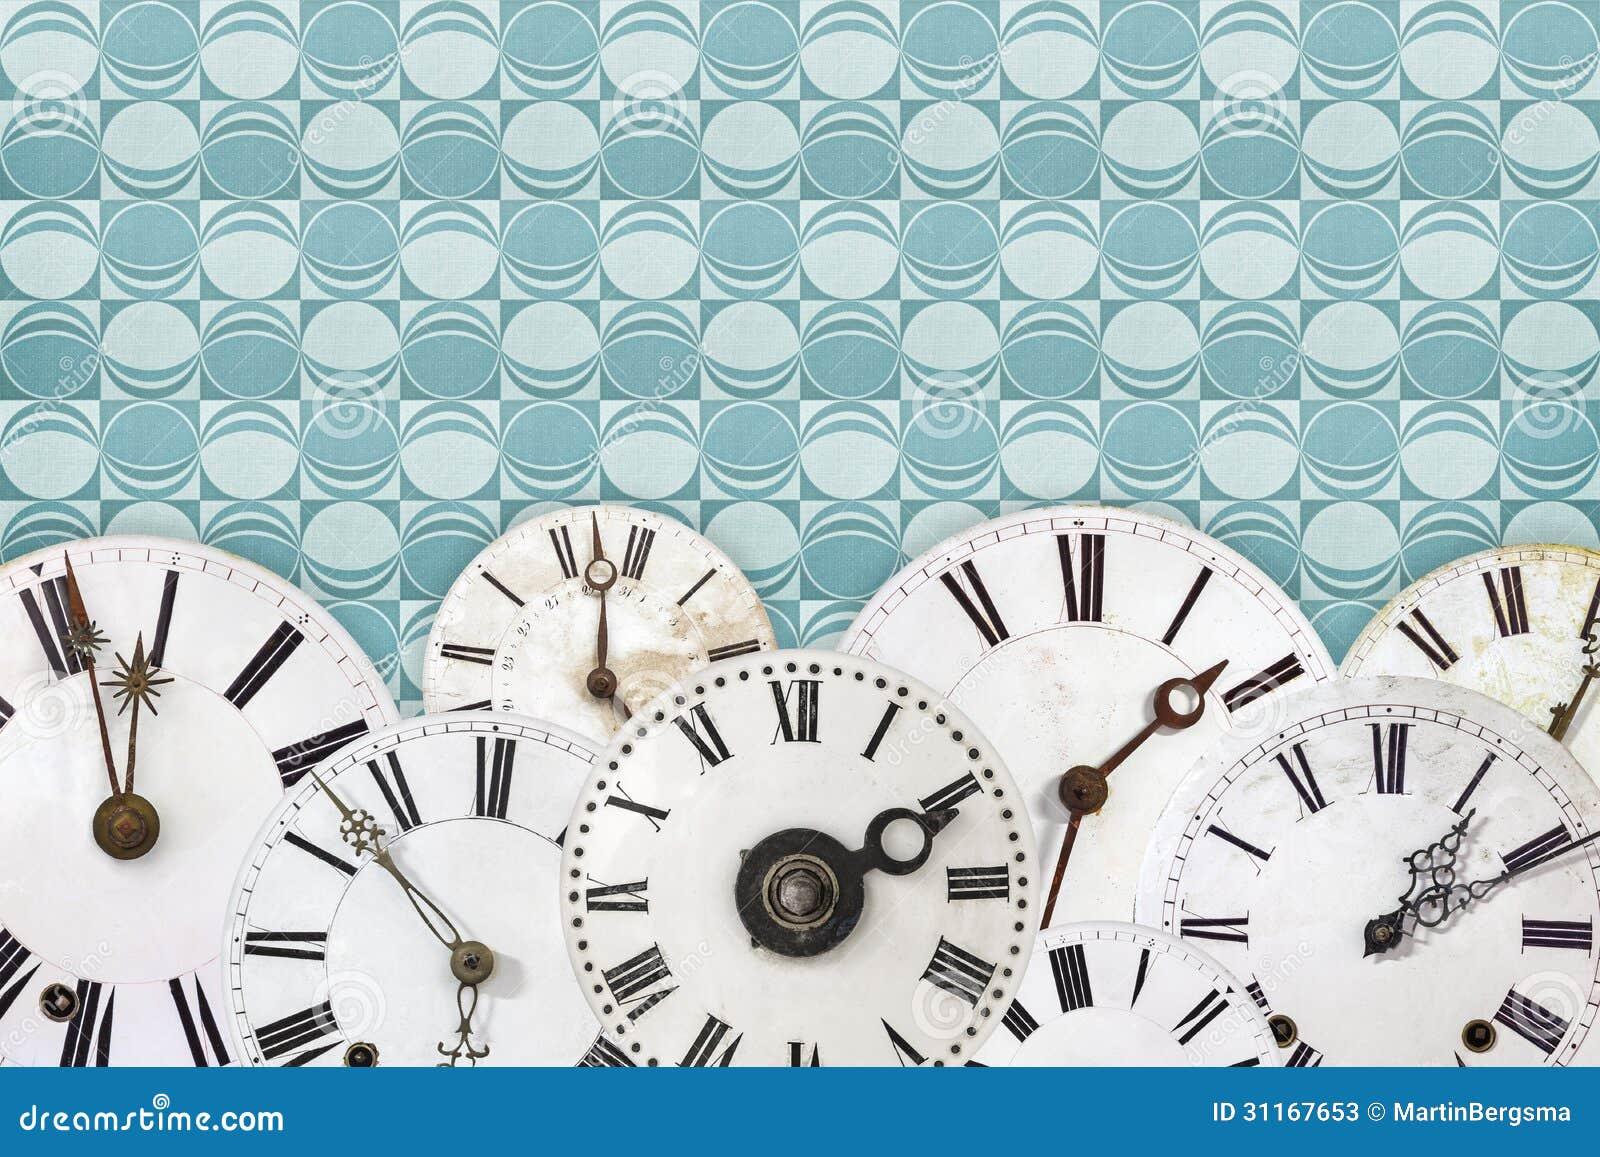 Set of vintage clock faces against a retro wallpaper for Reloj de pared vintage 60cm